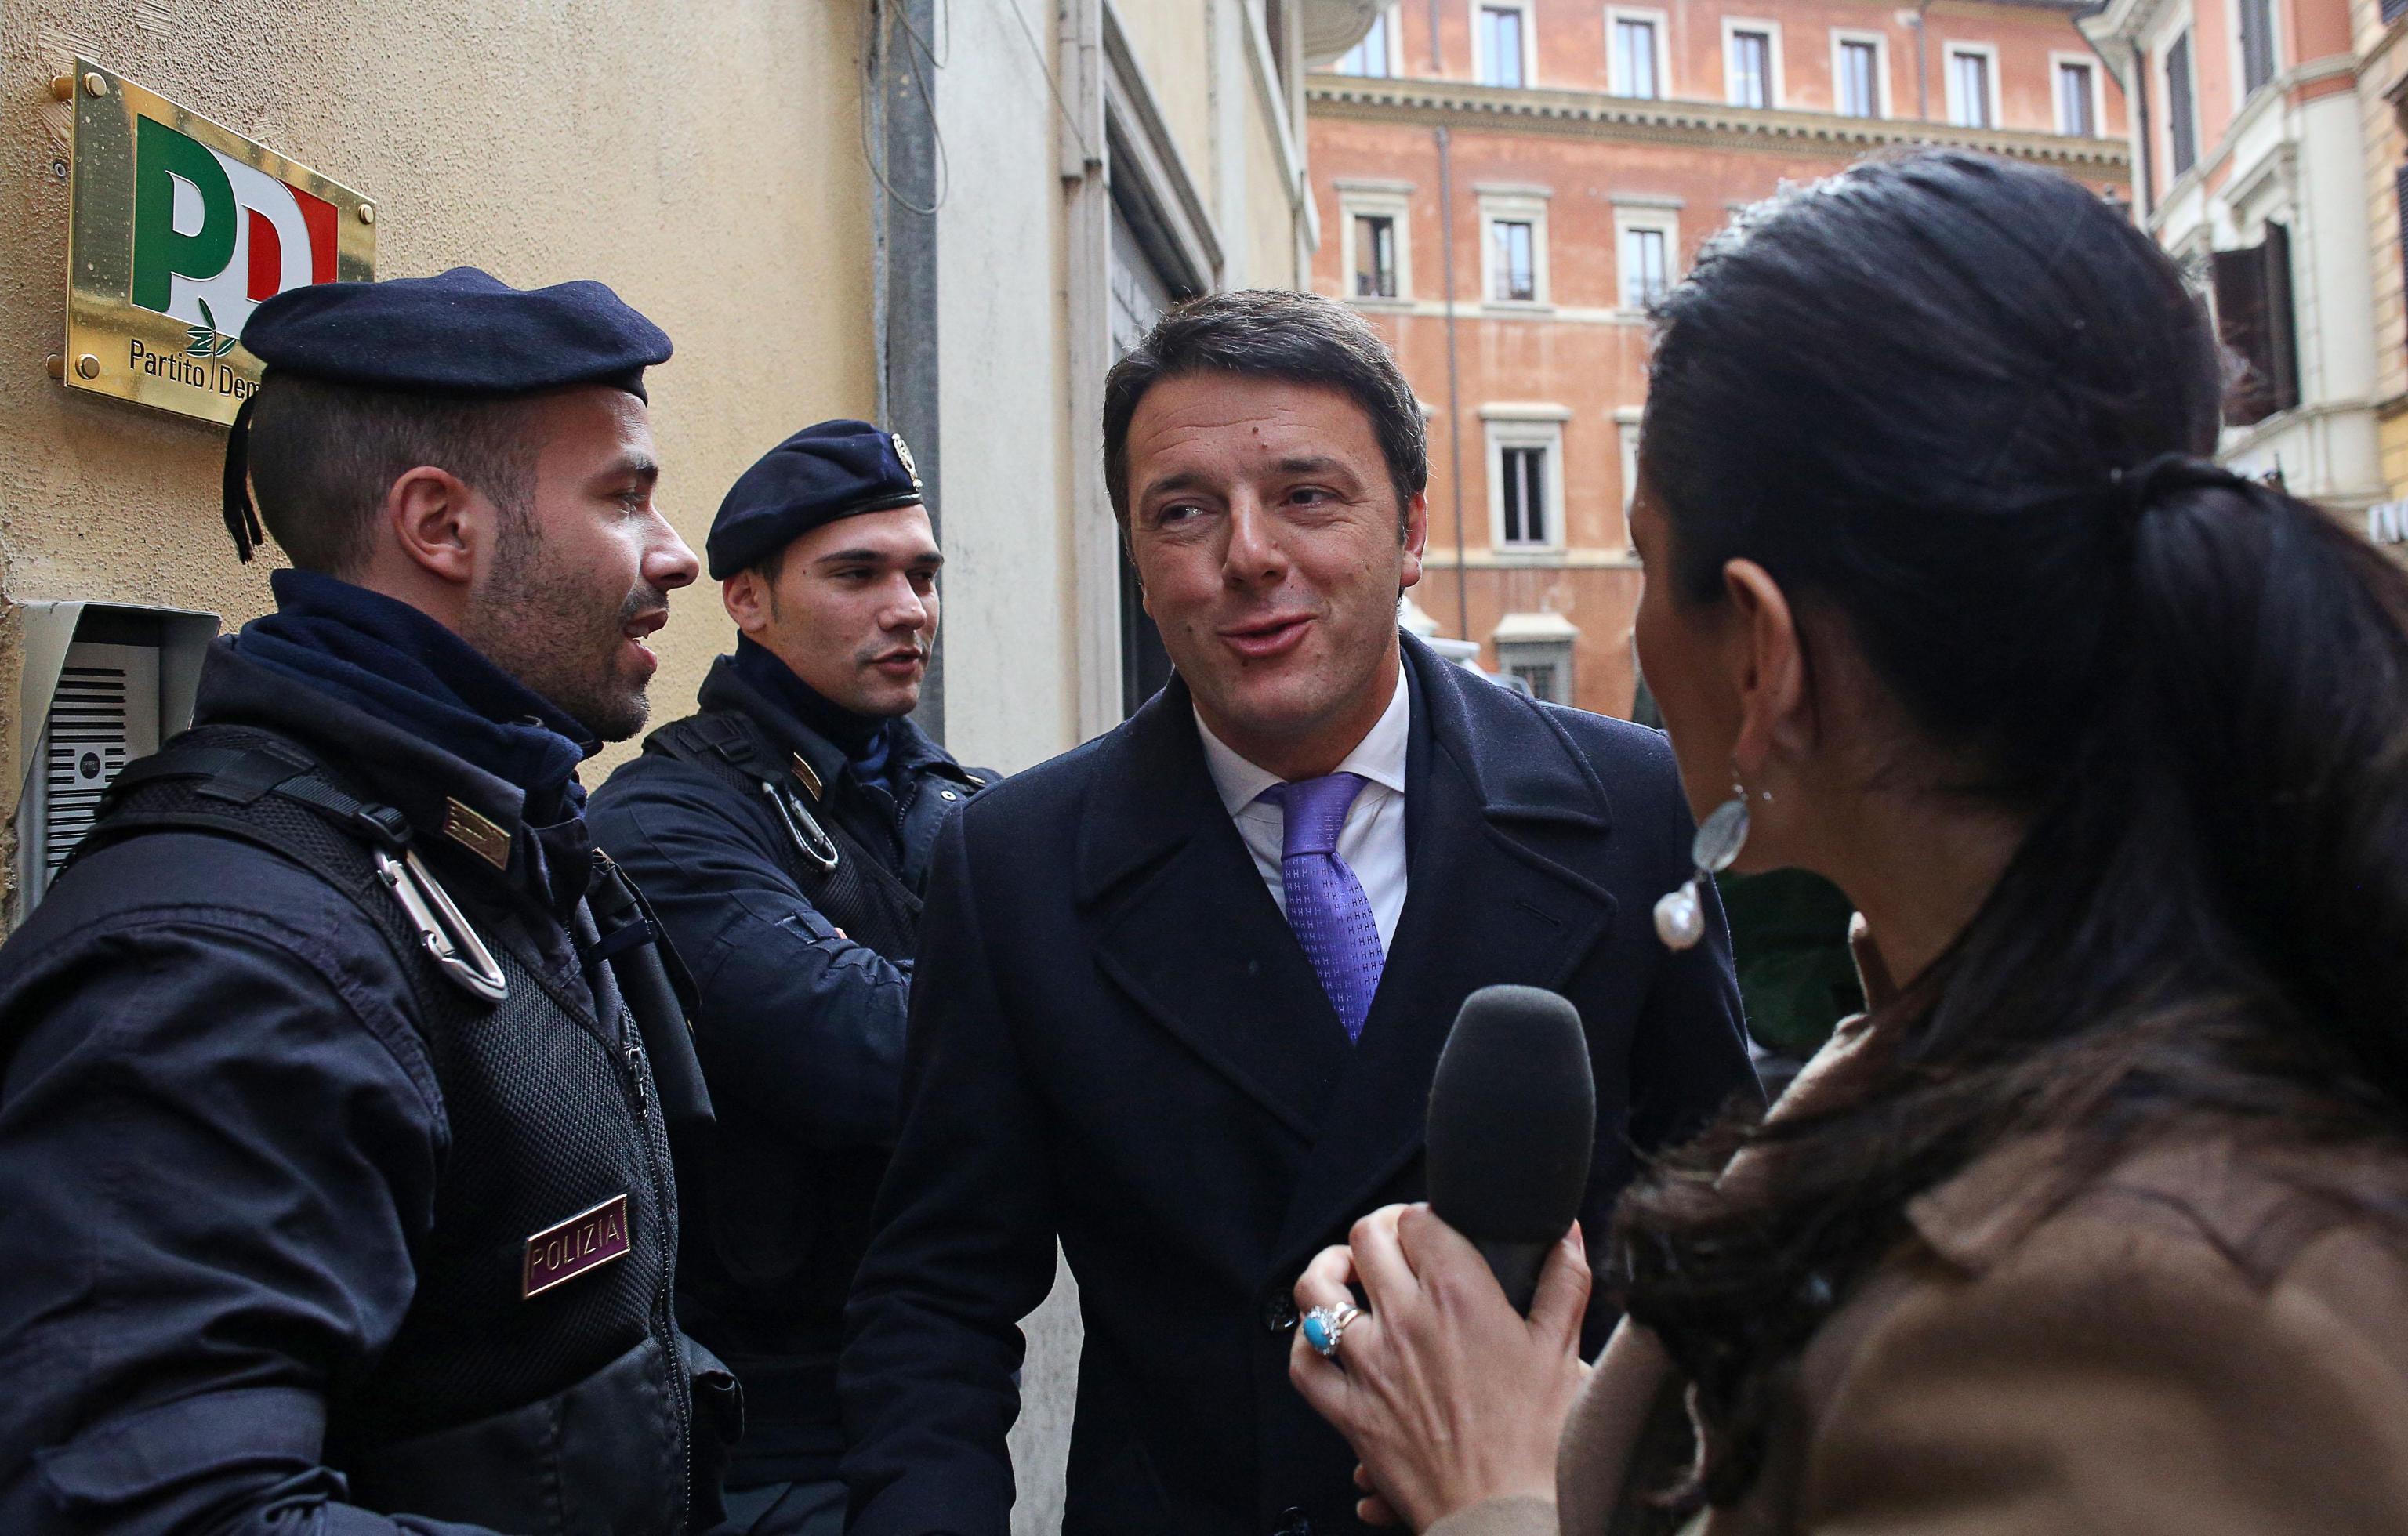 Governo, oggi al Nazareno la resa dei conti tra Letta e Renzi